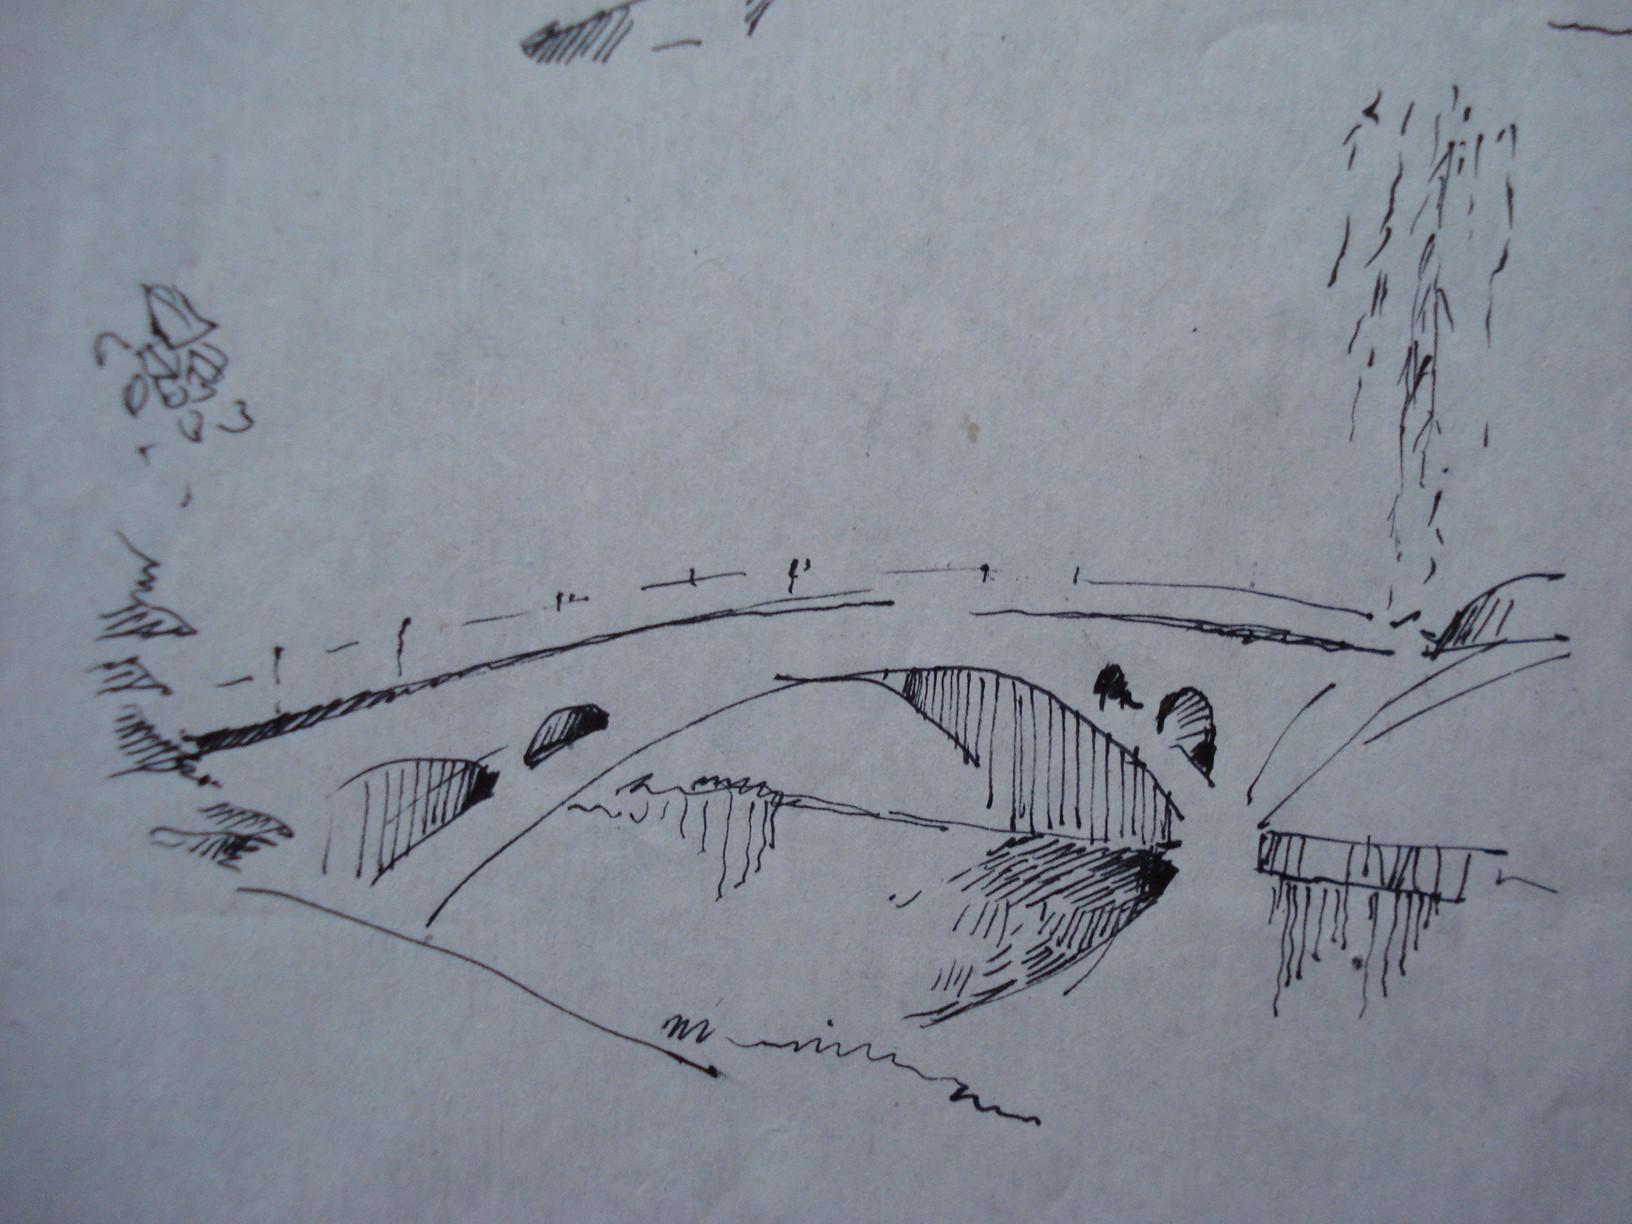 简单风景速写钢笔画 上海建筑速写钢笔画 树木风景速写钢笔画图片